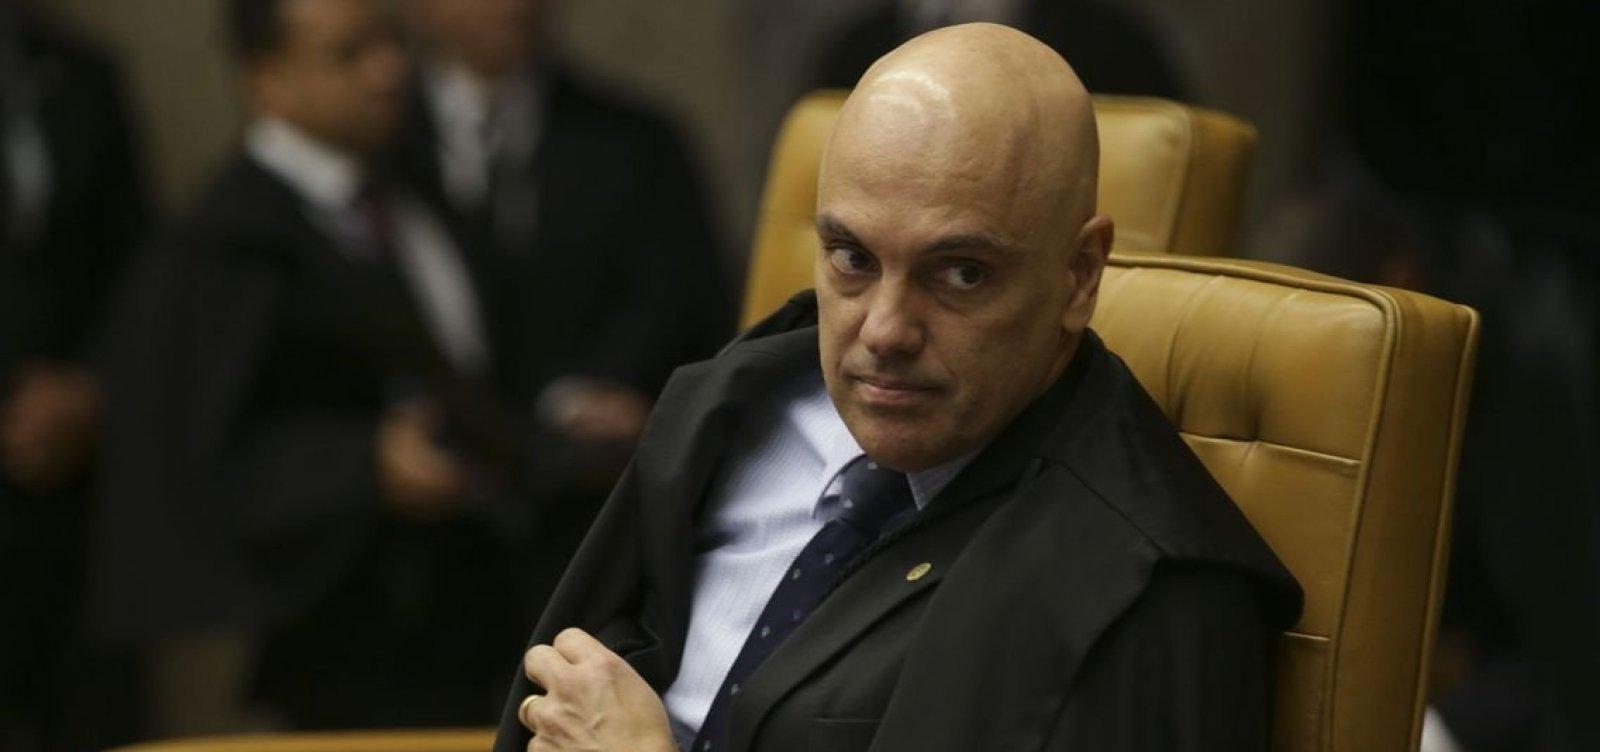 [Moraes diz que provas apontam para 'real possibilidade' de associação criminosa envolvendo gabinete do ódio]